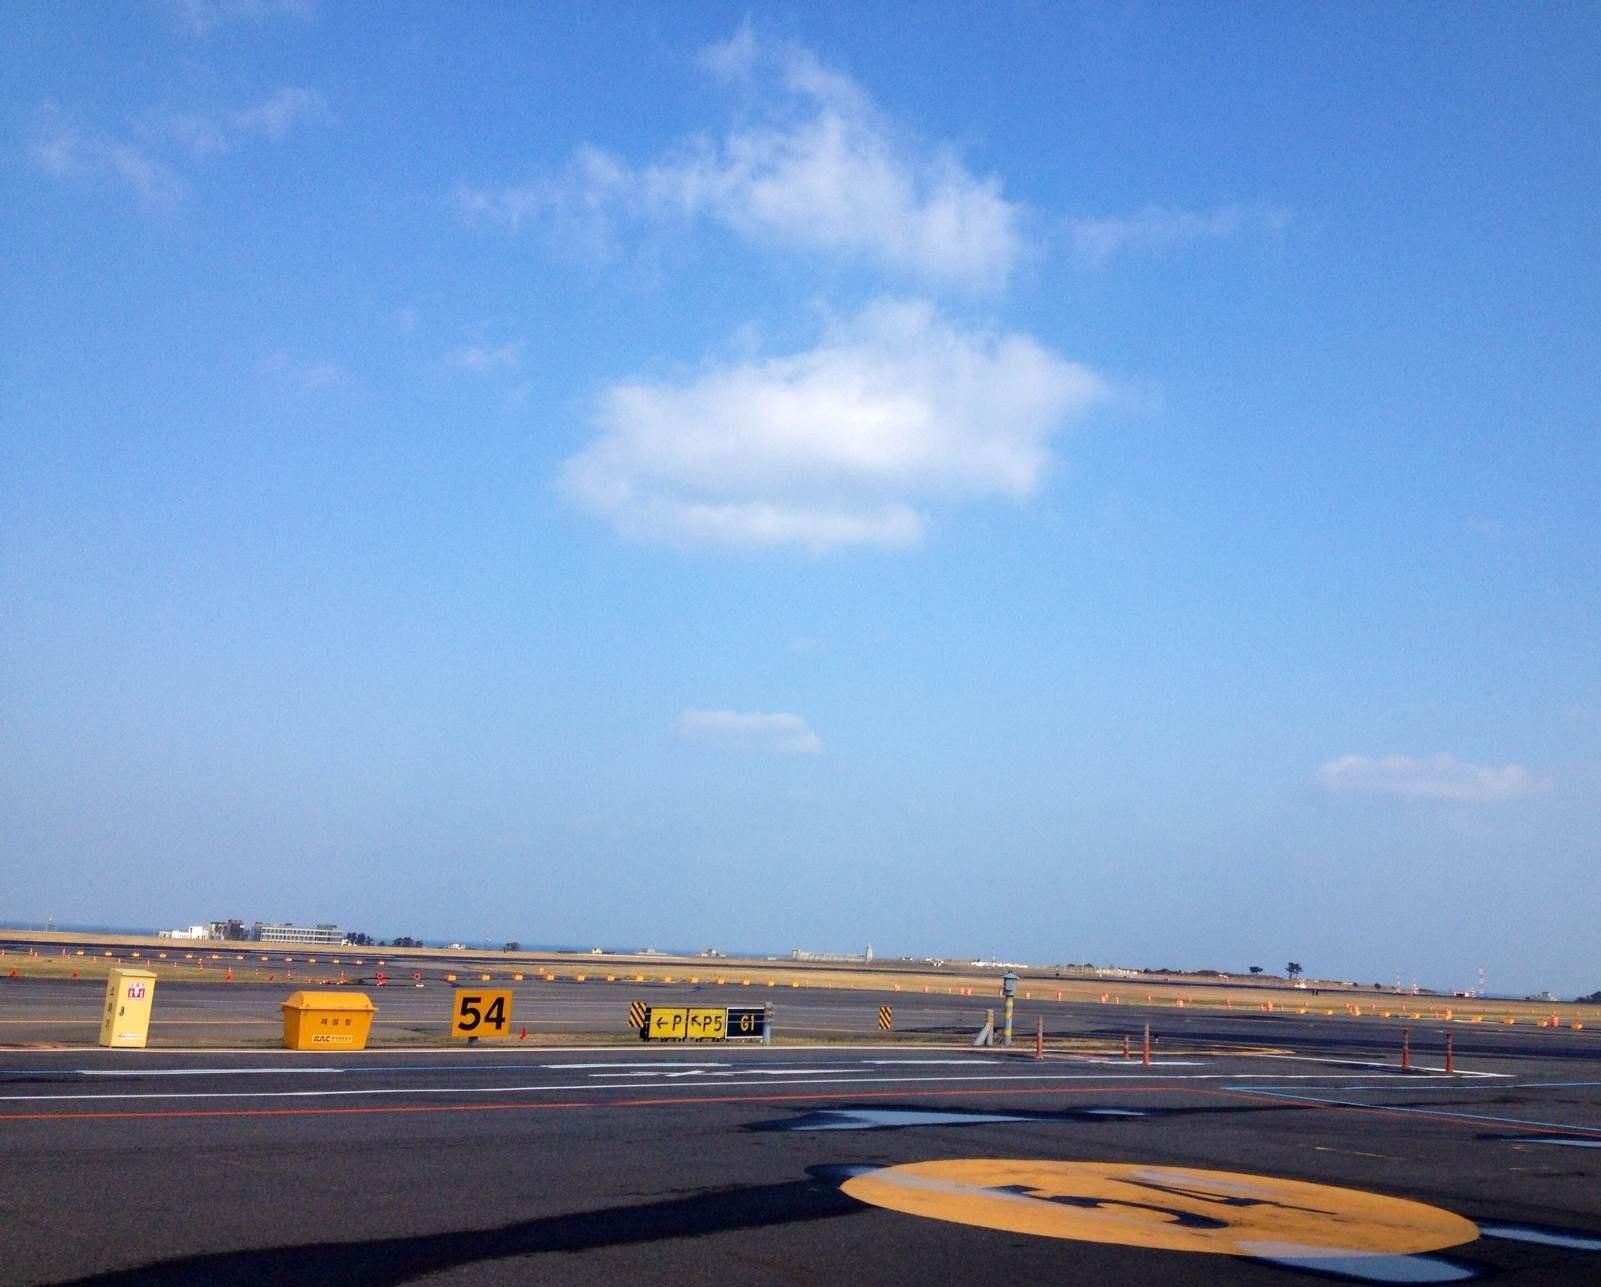 机场比较小,要摆渡车 济州国际机场 领取中文地图,gate5坐600路机场